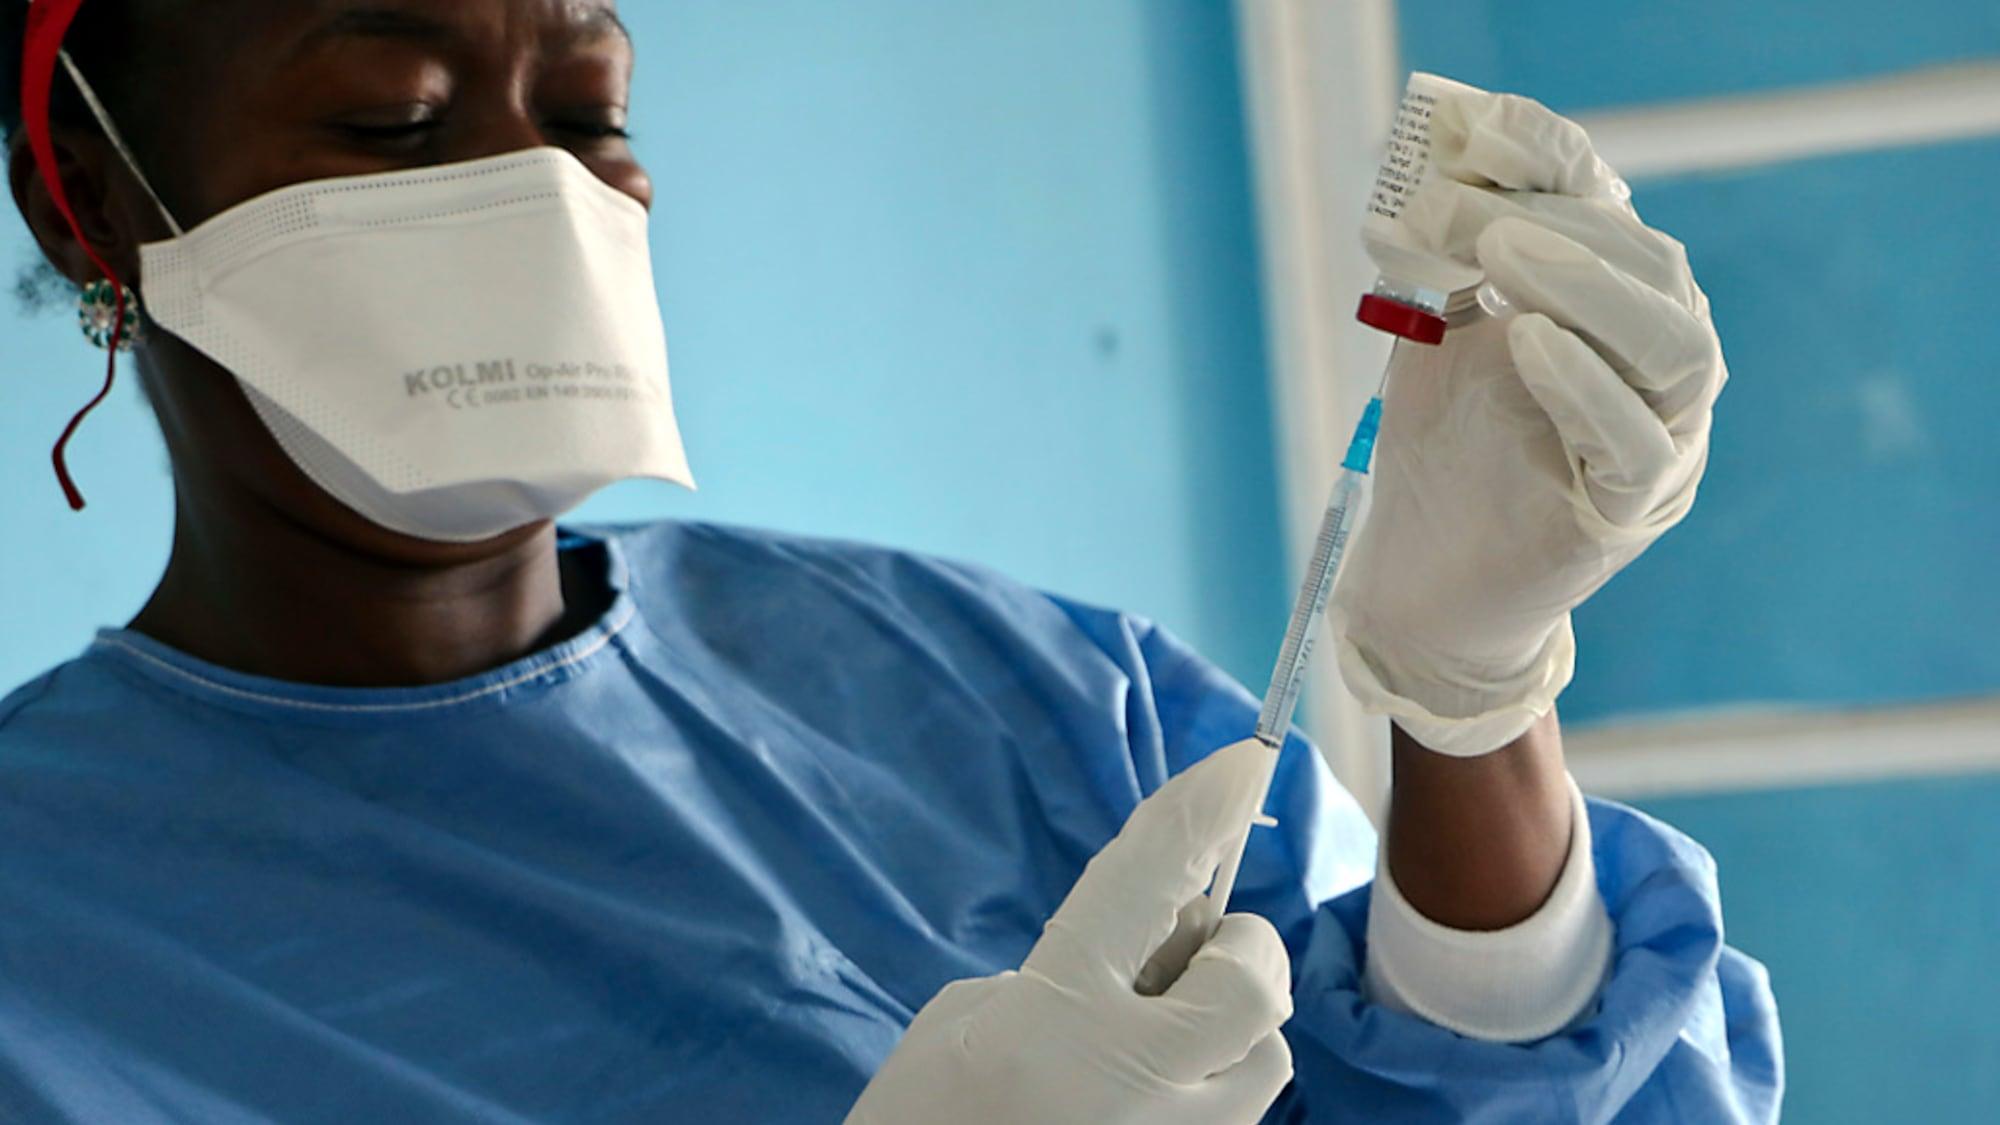 Ruanda: Ruanda startet freiwilliges Impfprogramm gegen Ebola